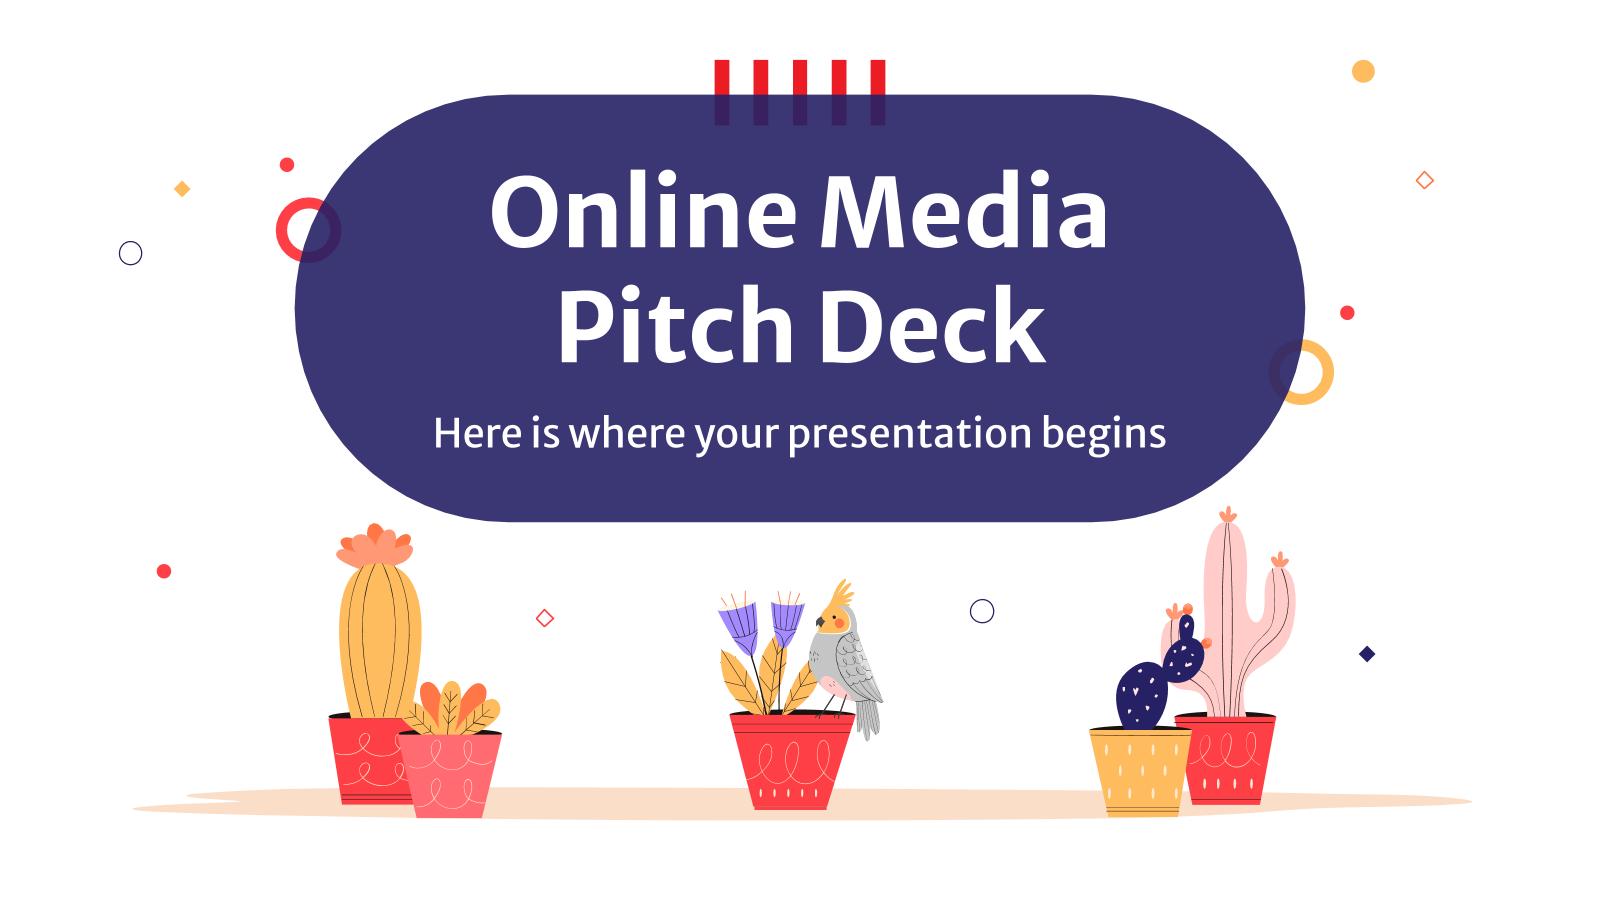 Plantilla de presentación Pitch deck para medio digital